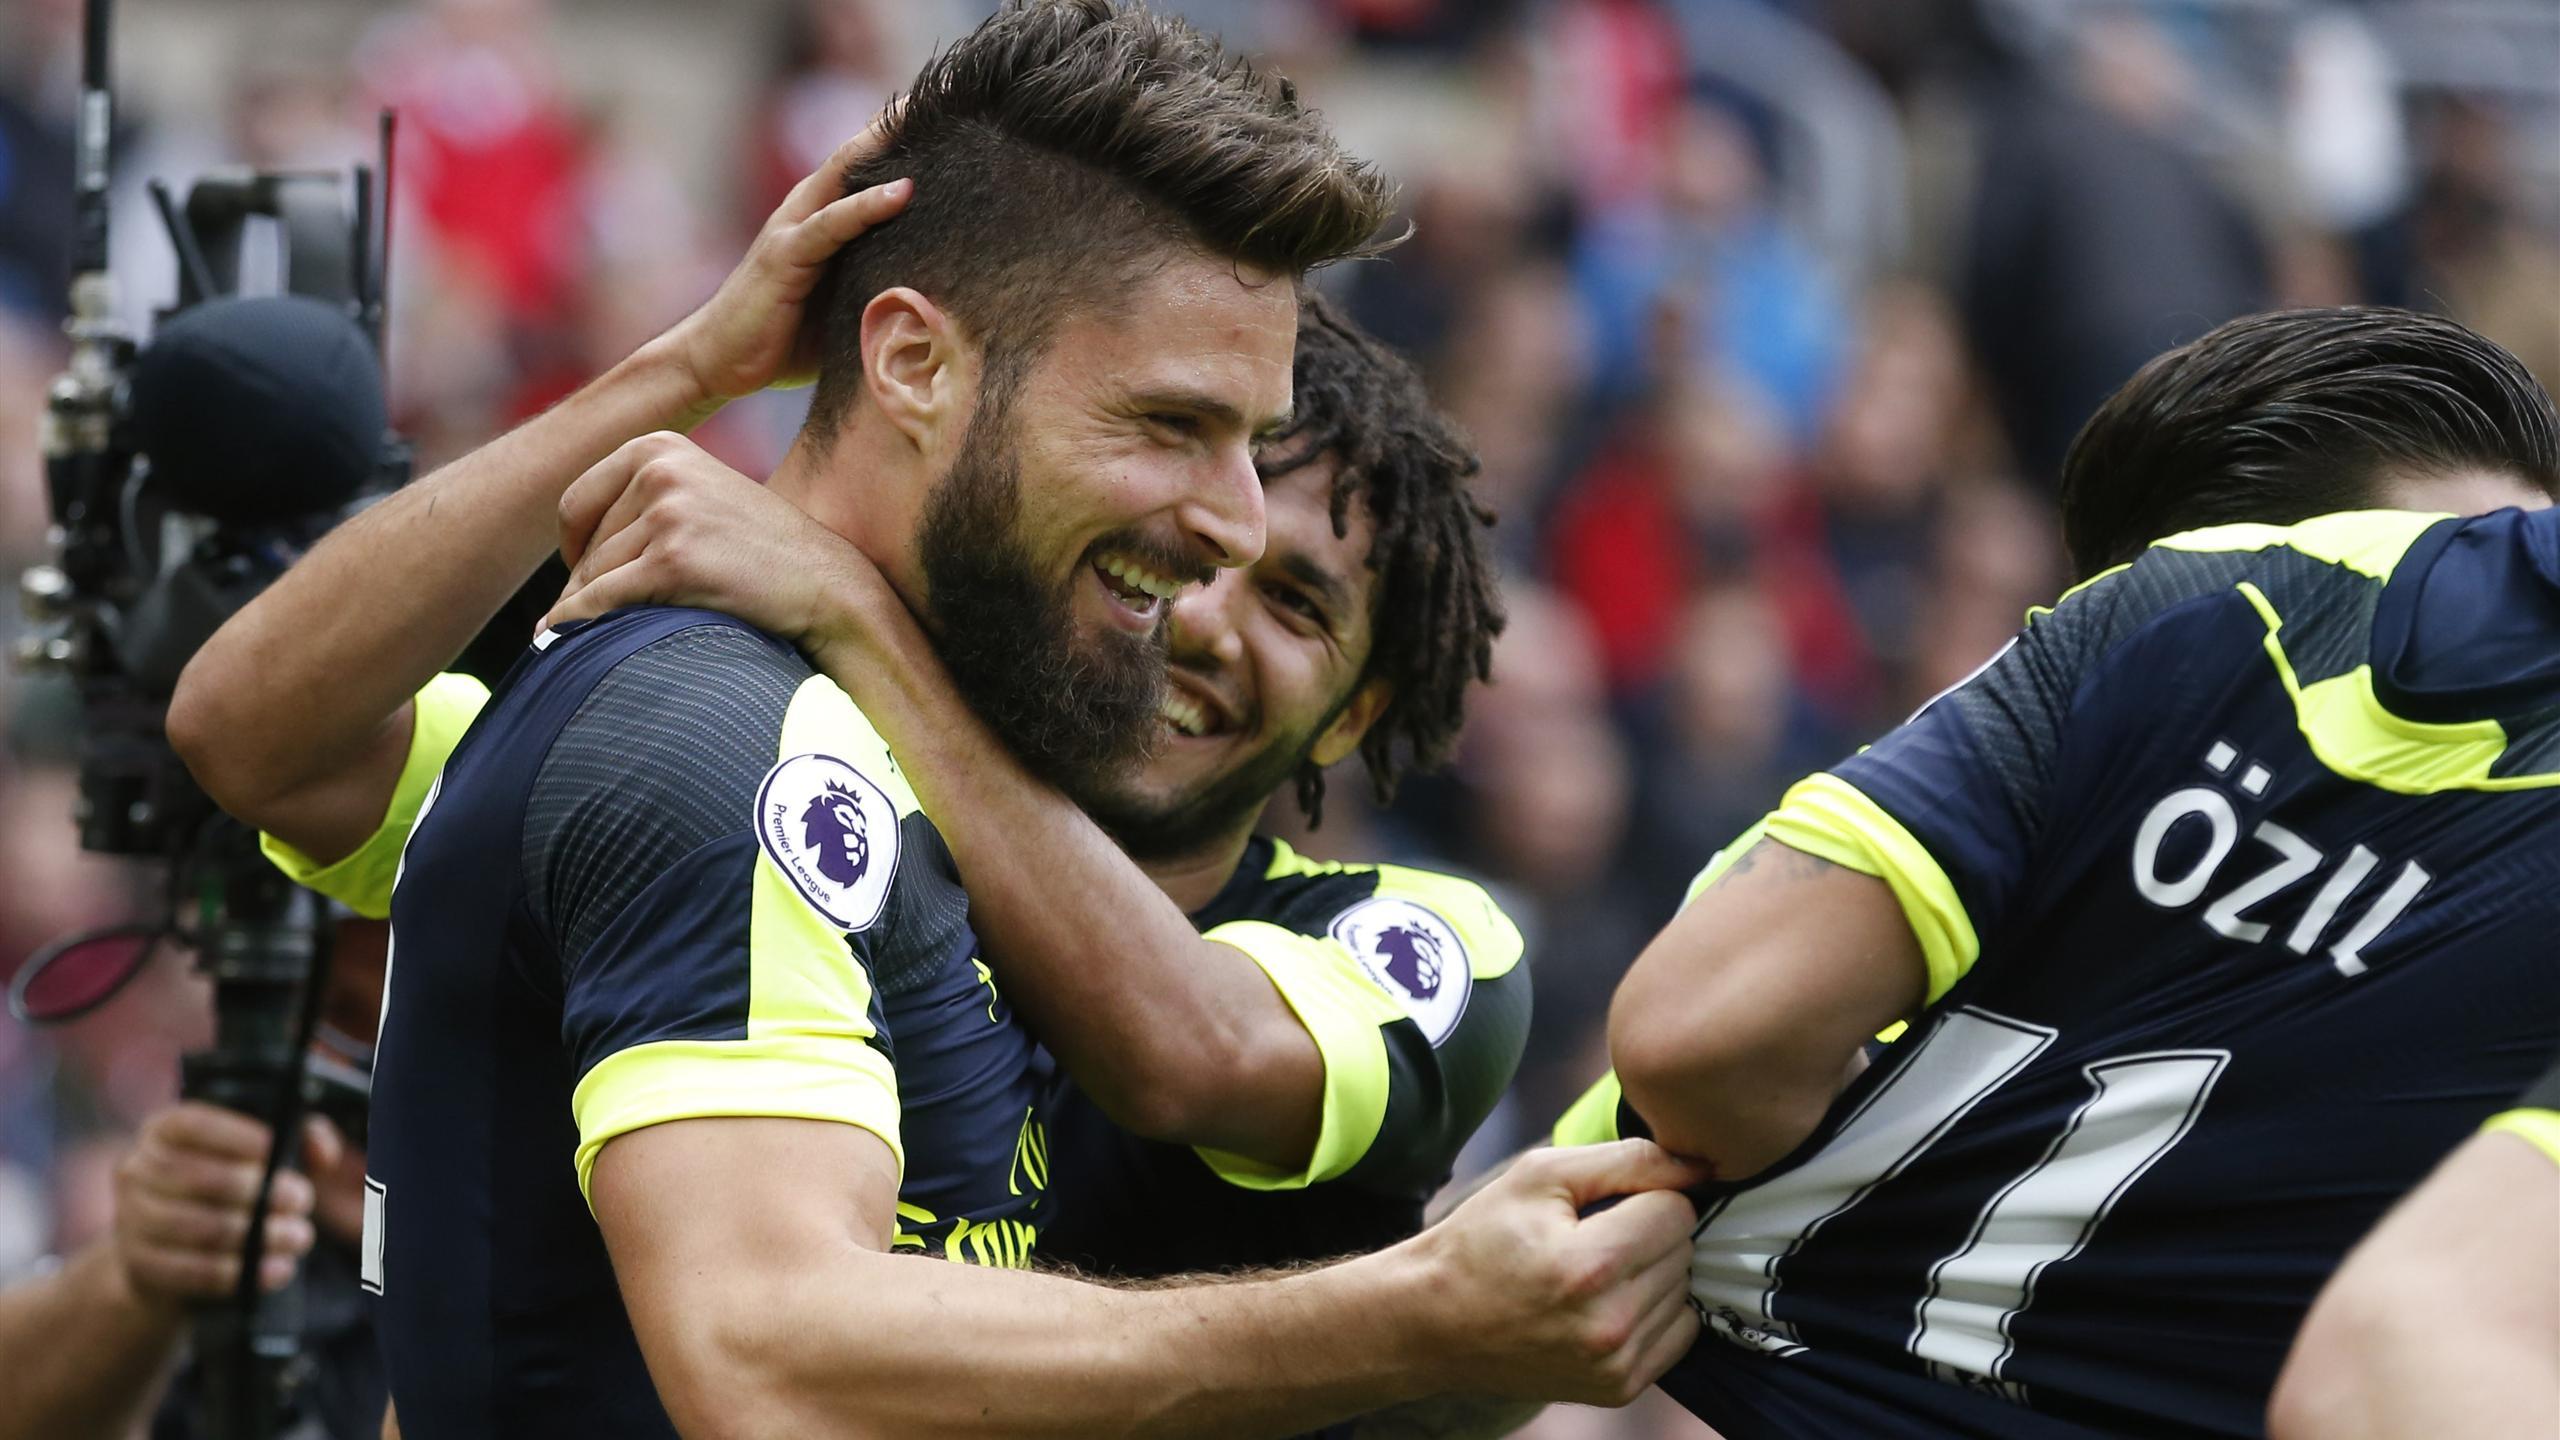 Arsenal's Olivier Giroud celebrates scoring against Sunderland